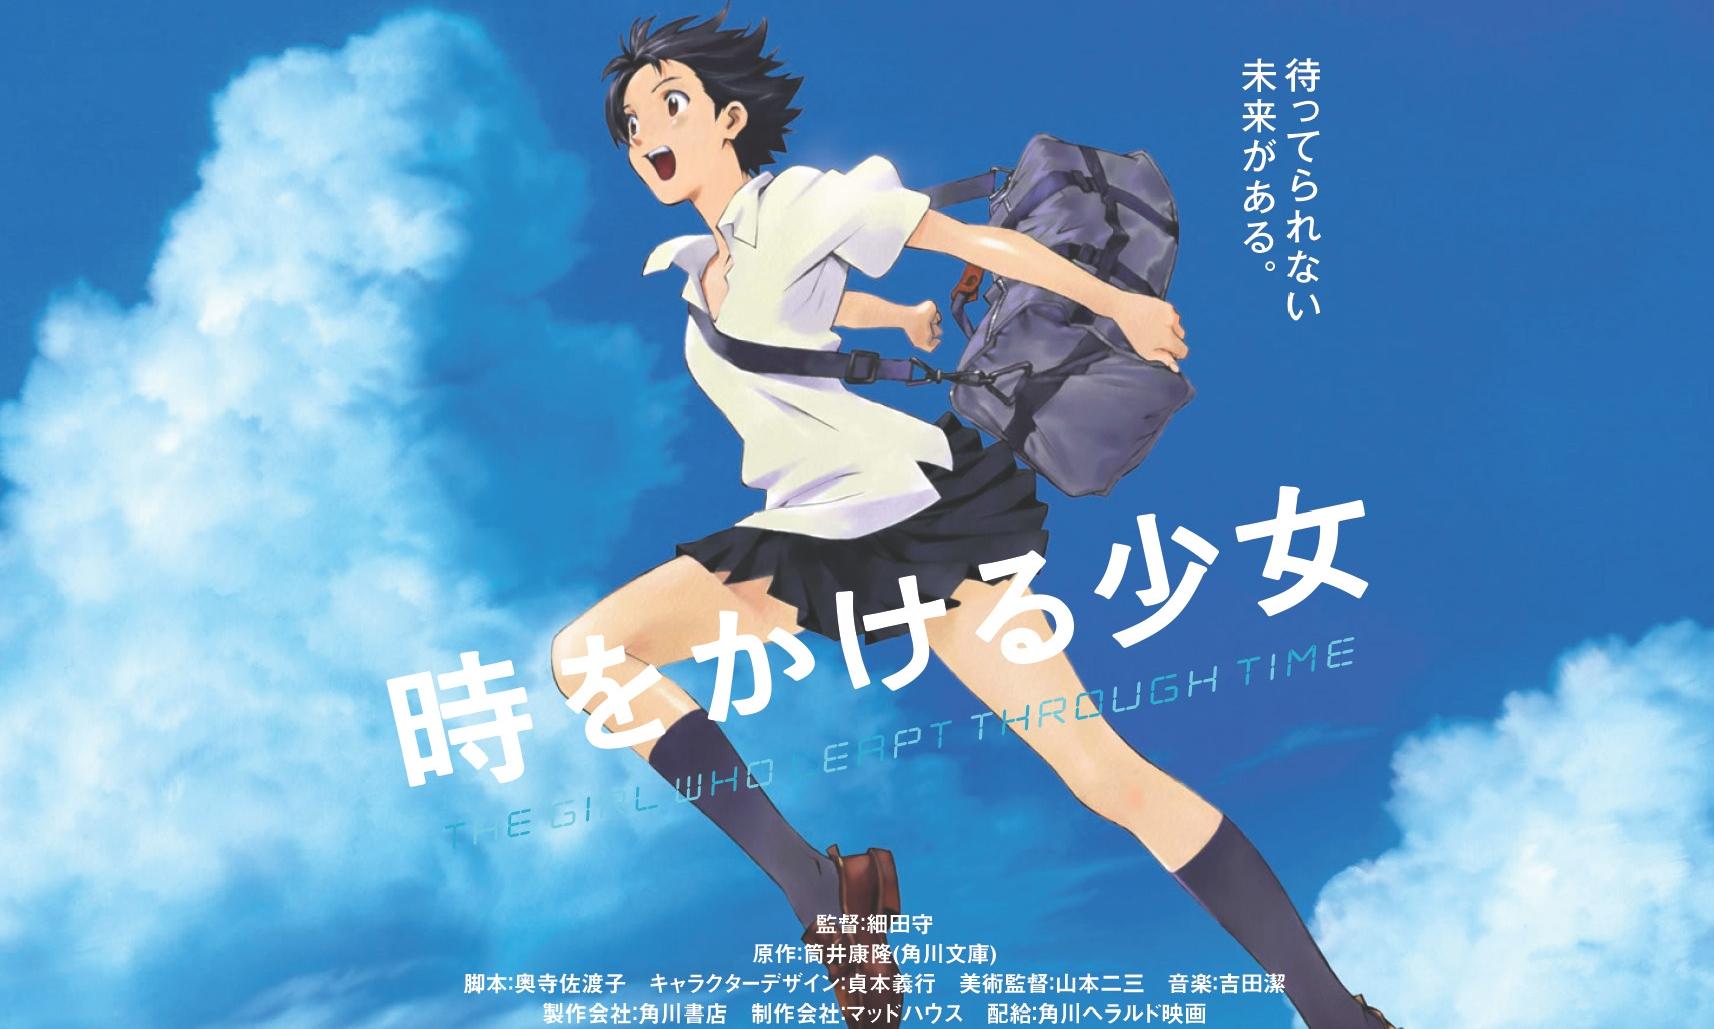 细田守执导动画《穿越时空的少女》将推出 4DX 版